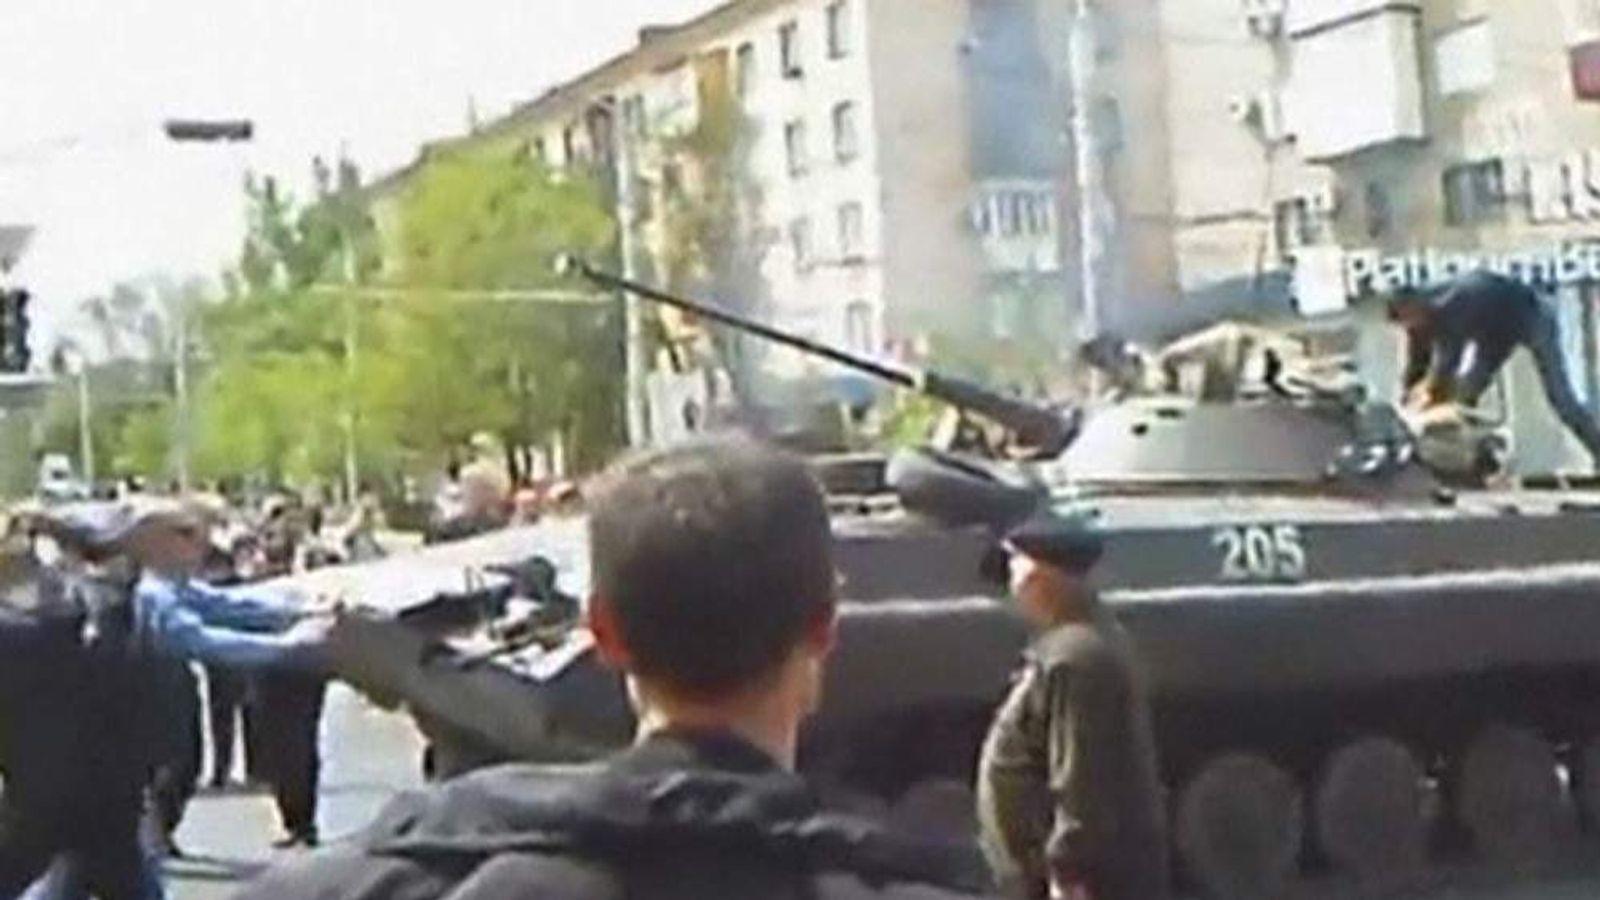 Tank in Mariupol fighting